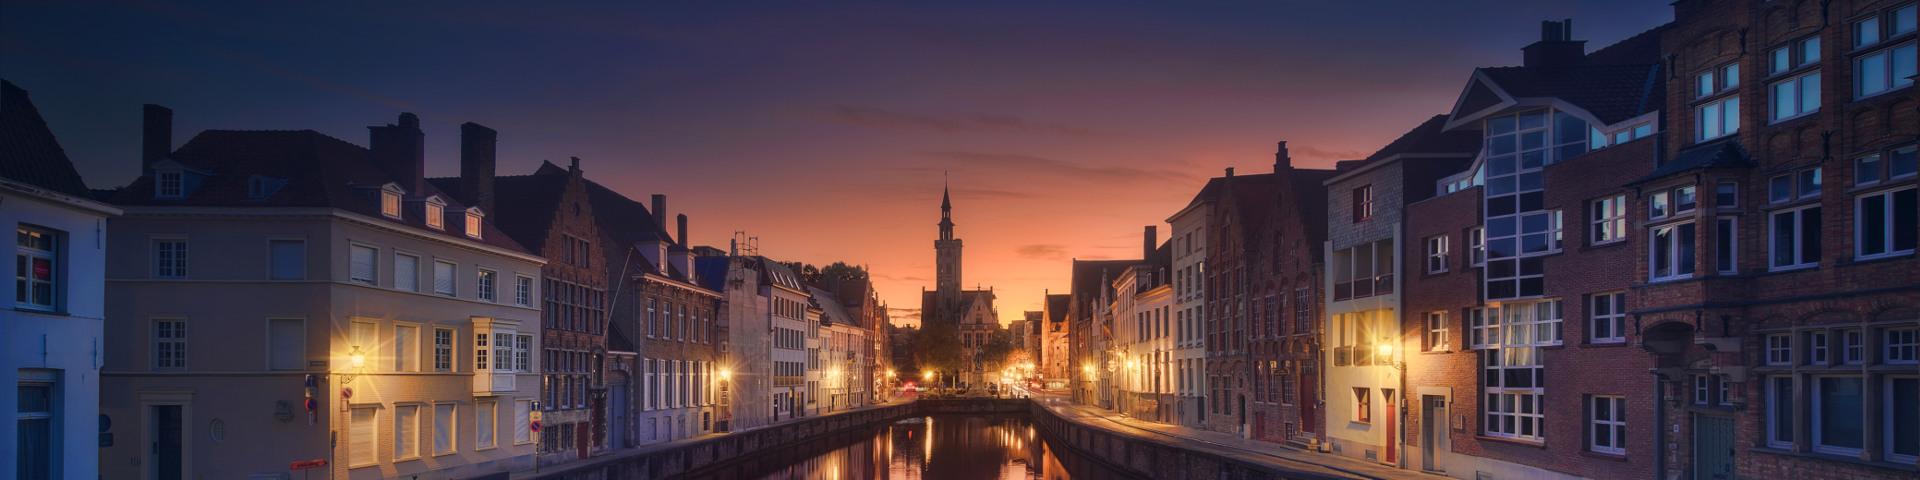 Brugge hero banner 2